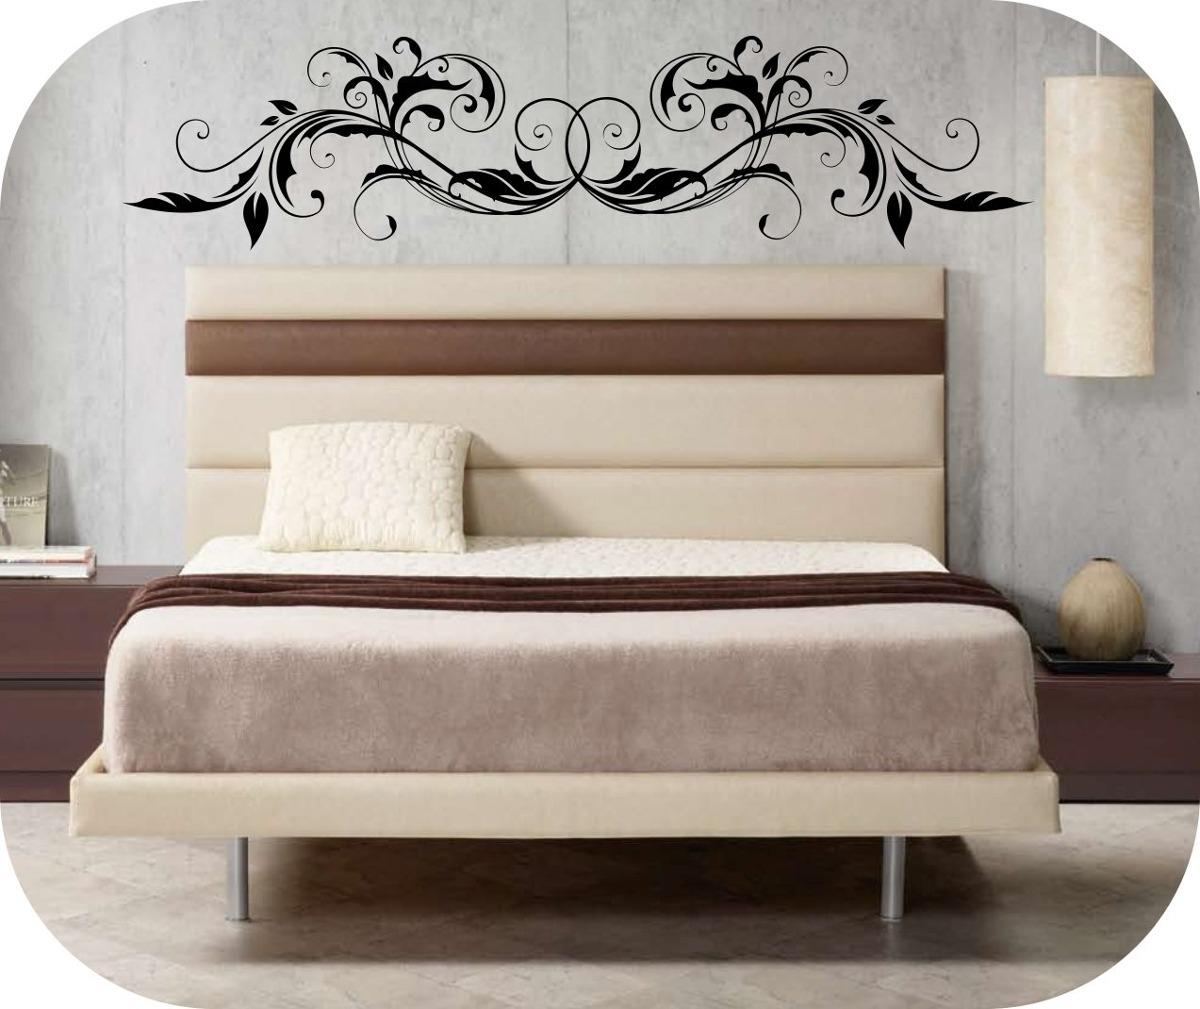 Vinilos decorativos cabeceros de camas decora tu pared for Precio vinilo pared